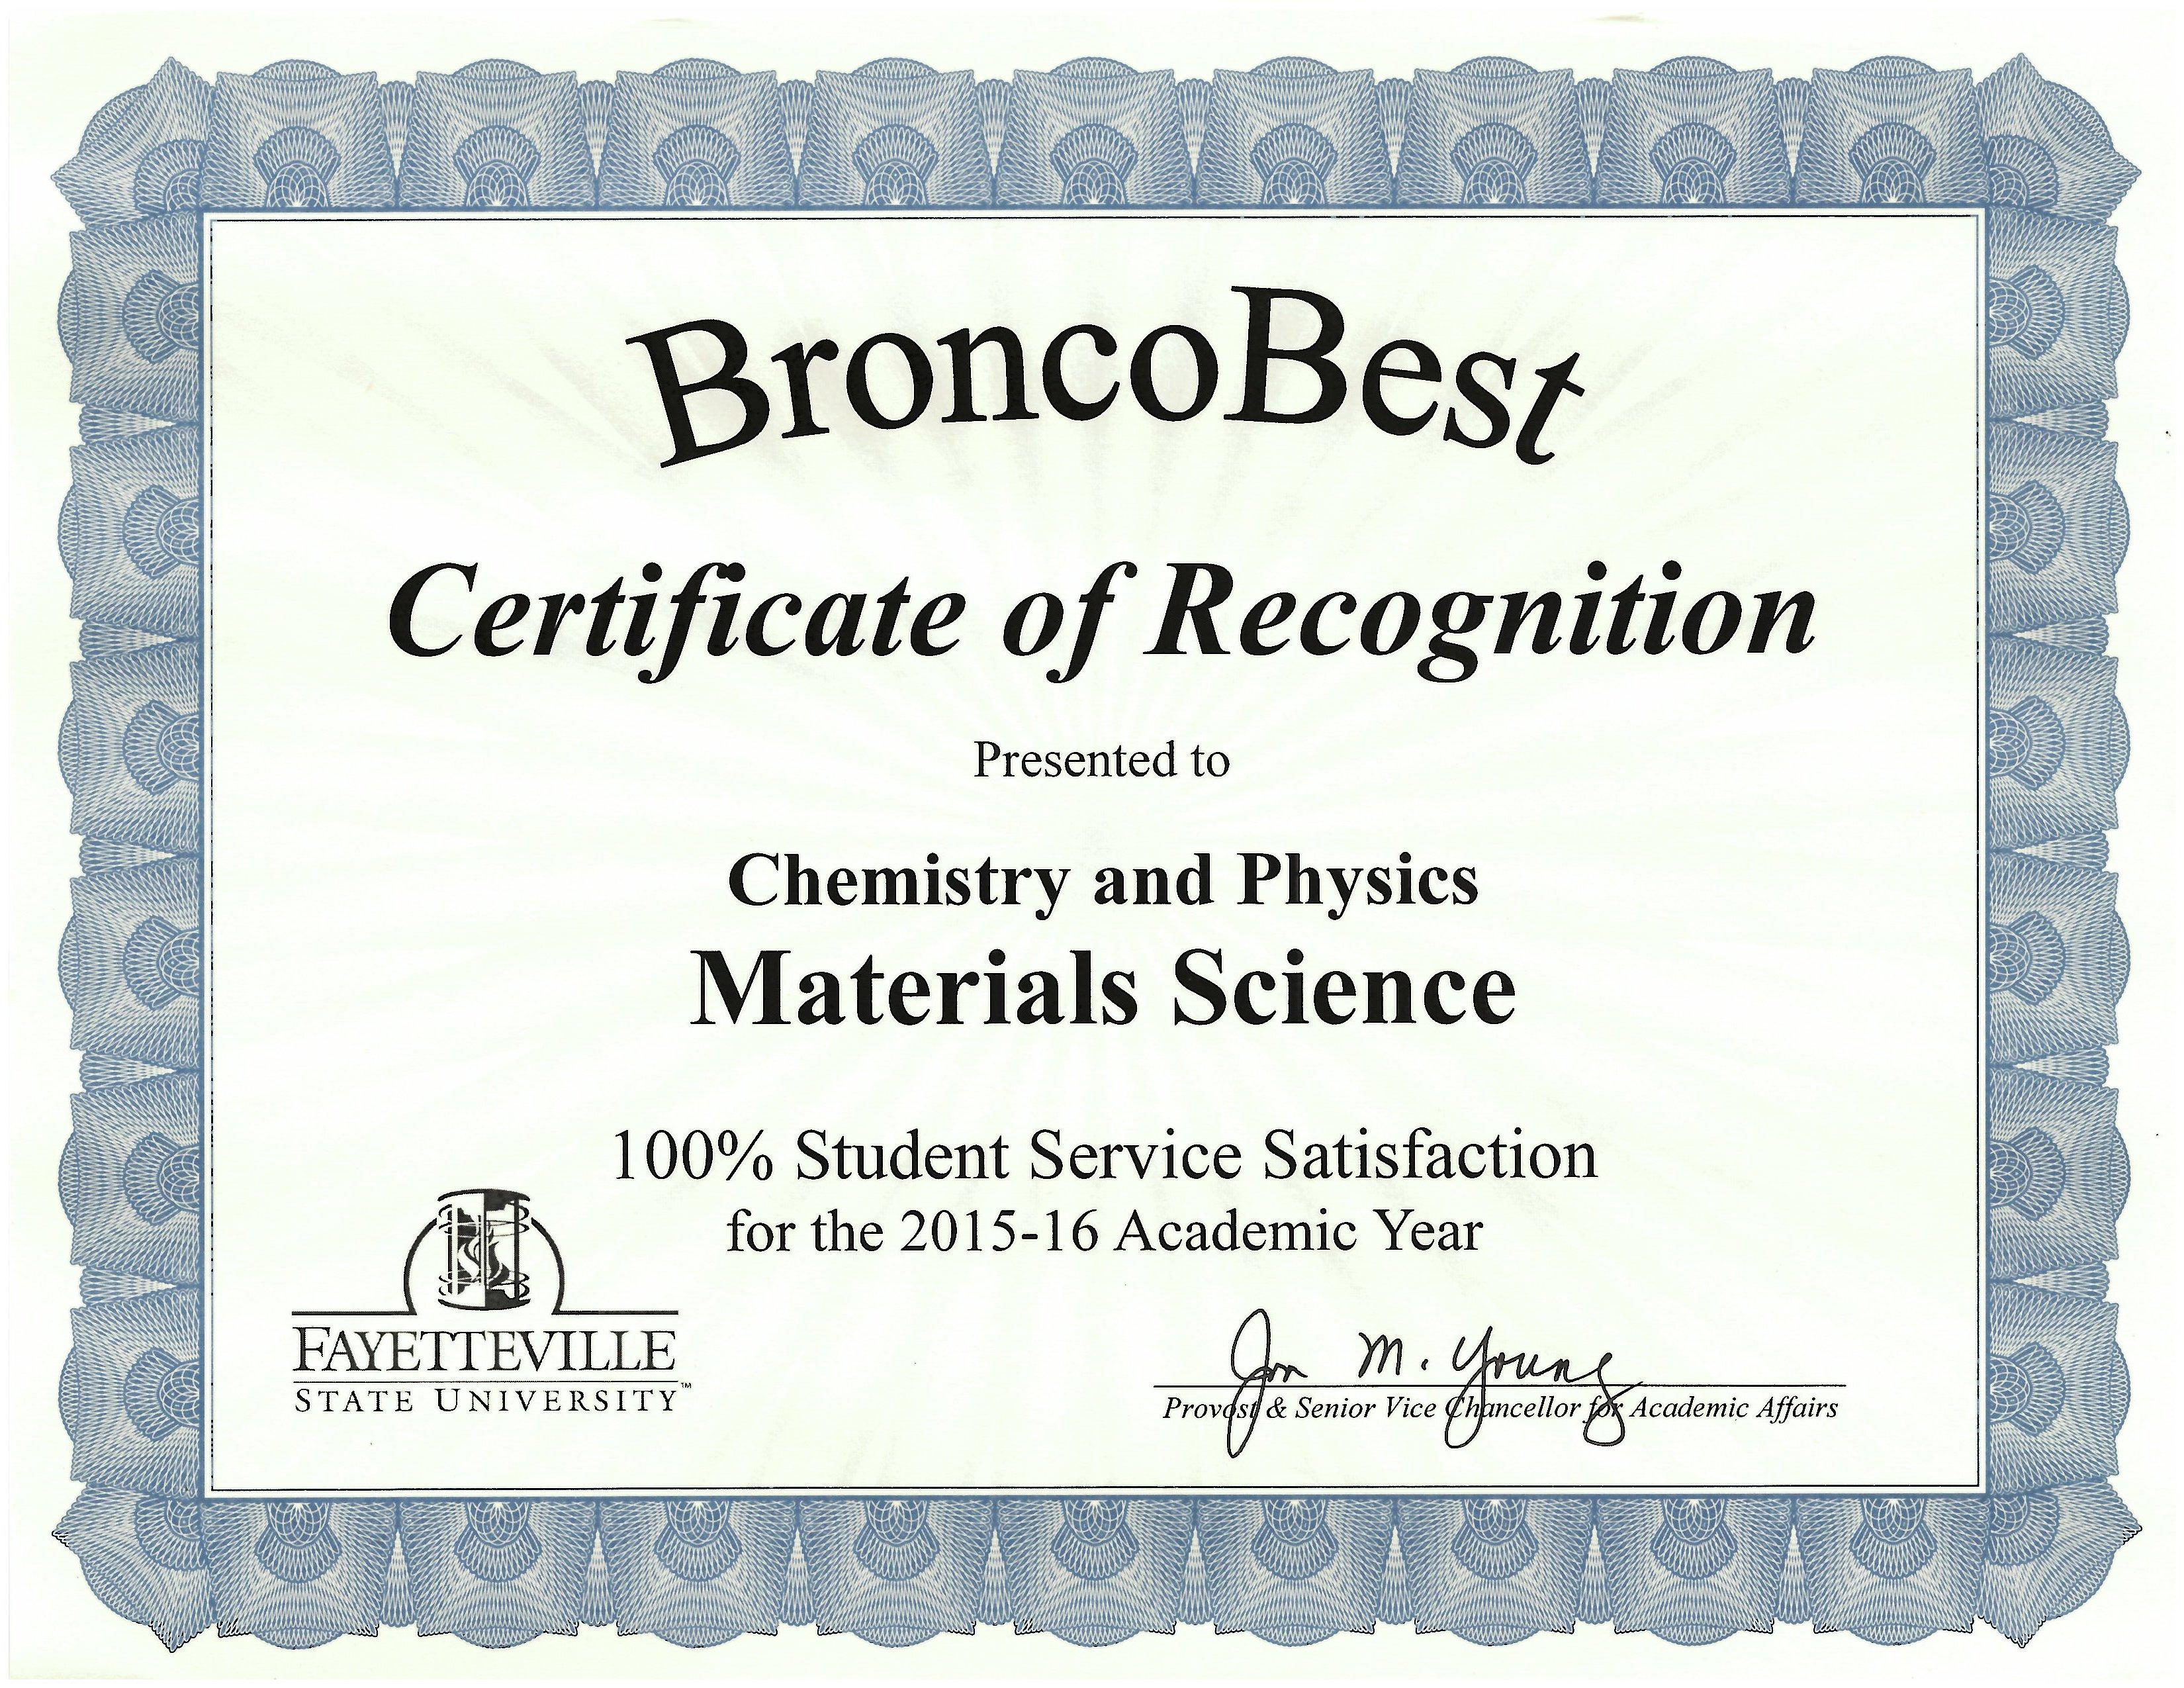 BroncoBest